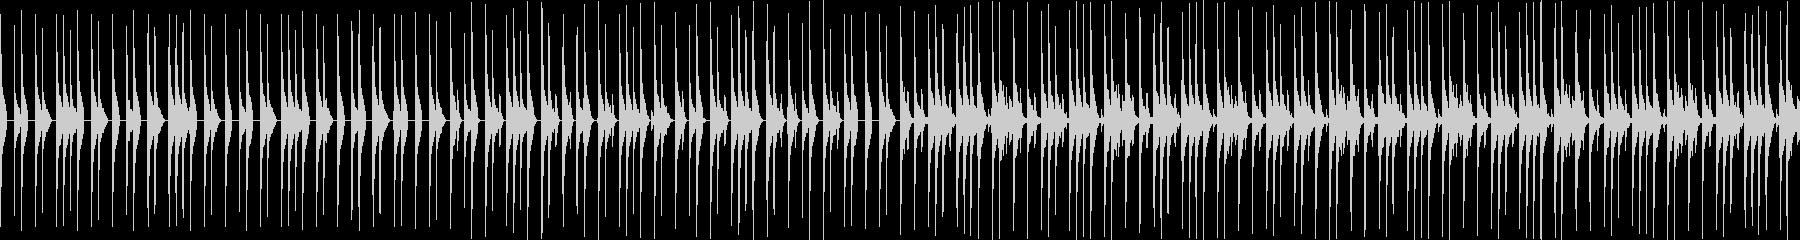 使い勝手のいいドラムループの未再生の波形